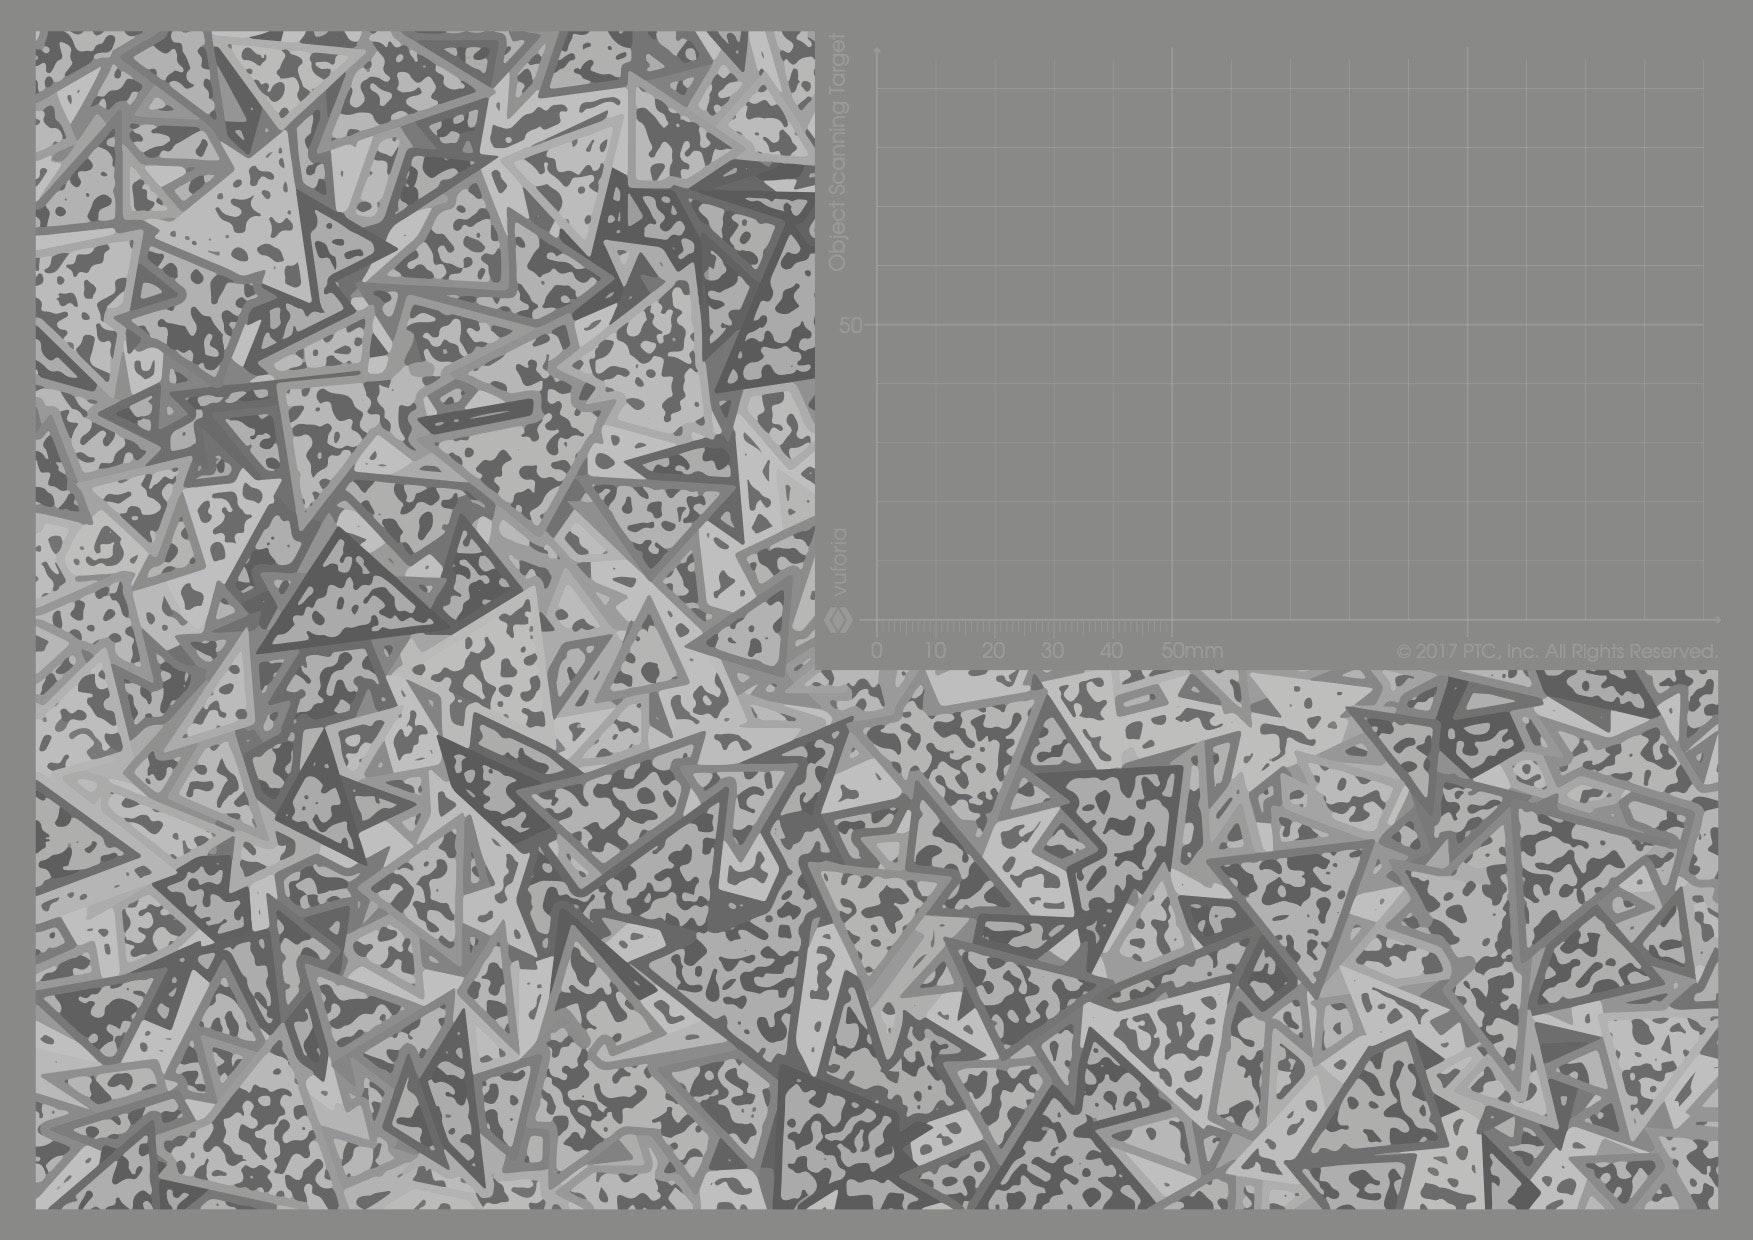 A4-ObjectScanningTarget.jpg